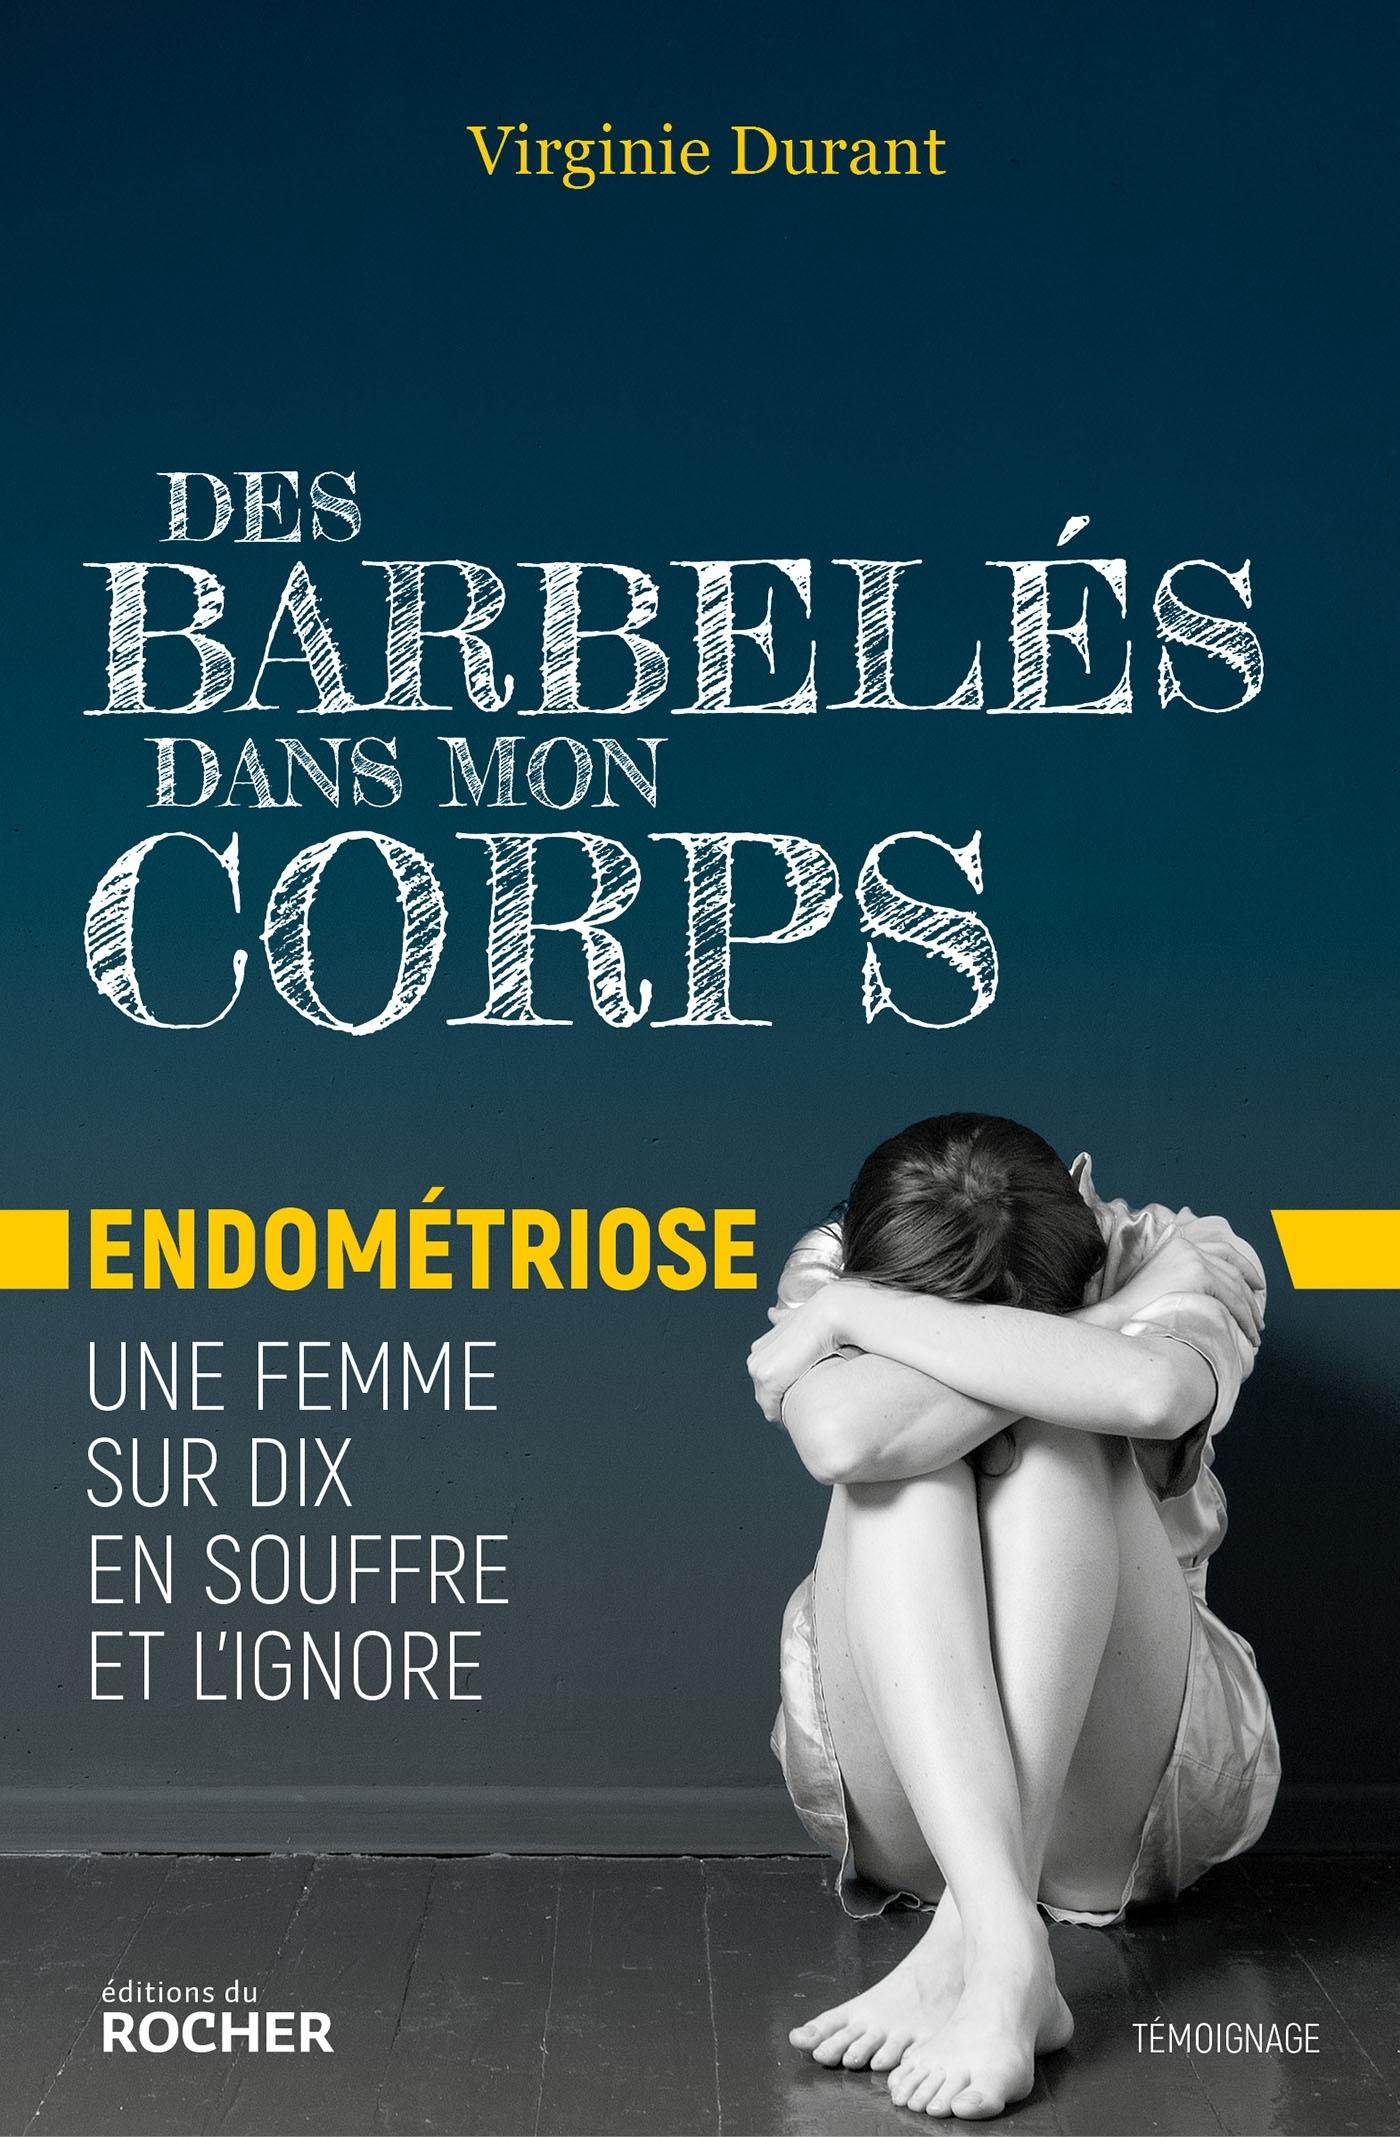 DES BARBELES DANS MON CORPS - ENDOMETRIOSE : UNE FEMME SUR DIX EN SOUFFRE ET L'IGNORE